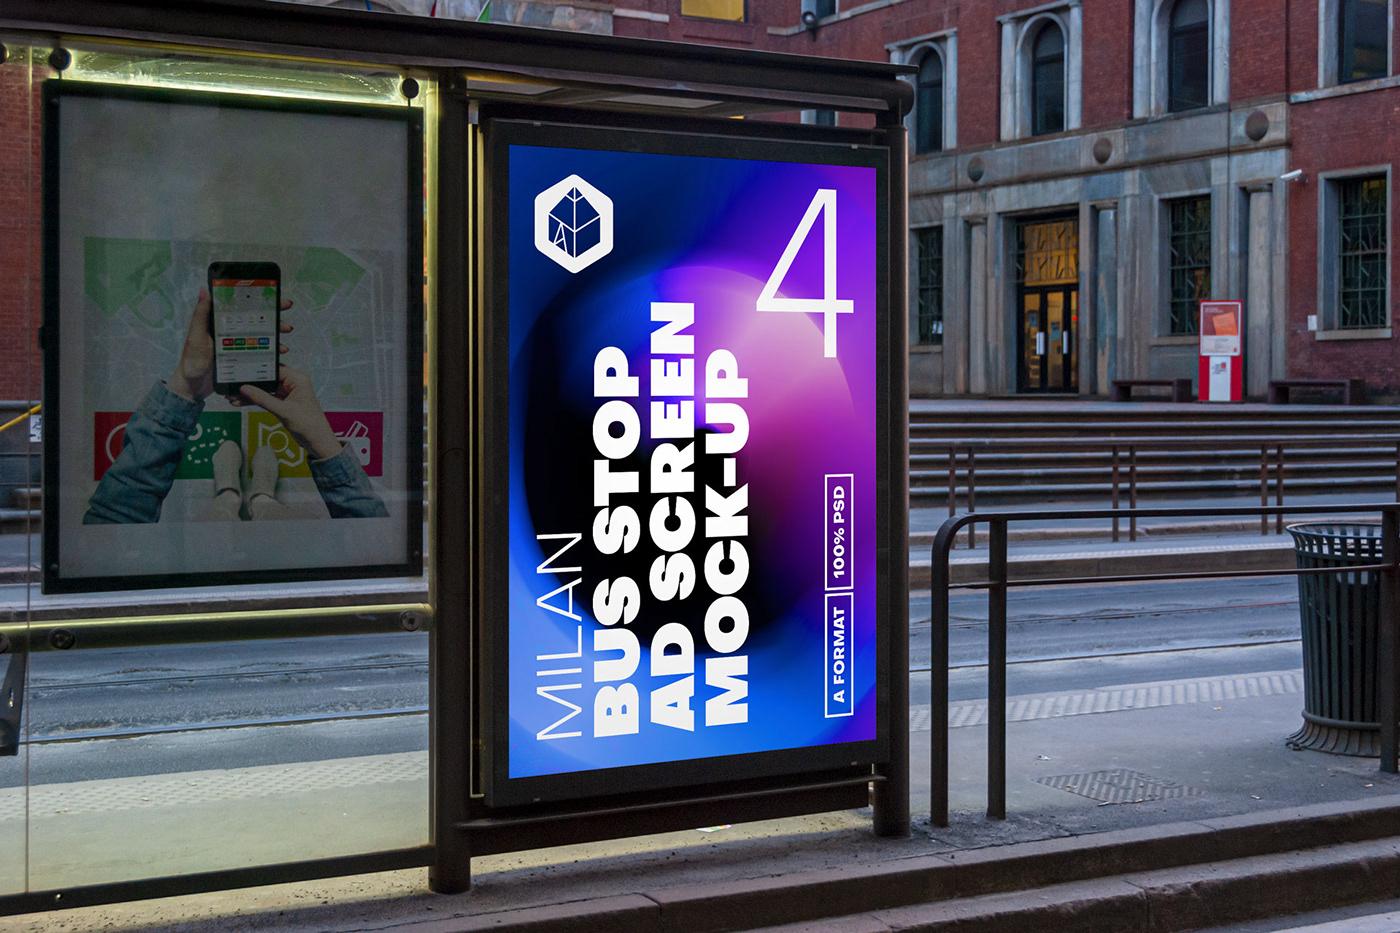 ad Advertising  bus BusStop milan mock-up Mockup poster screen Street